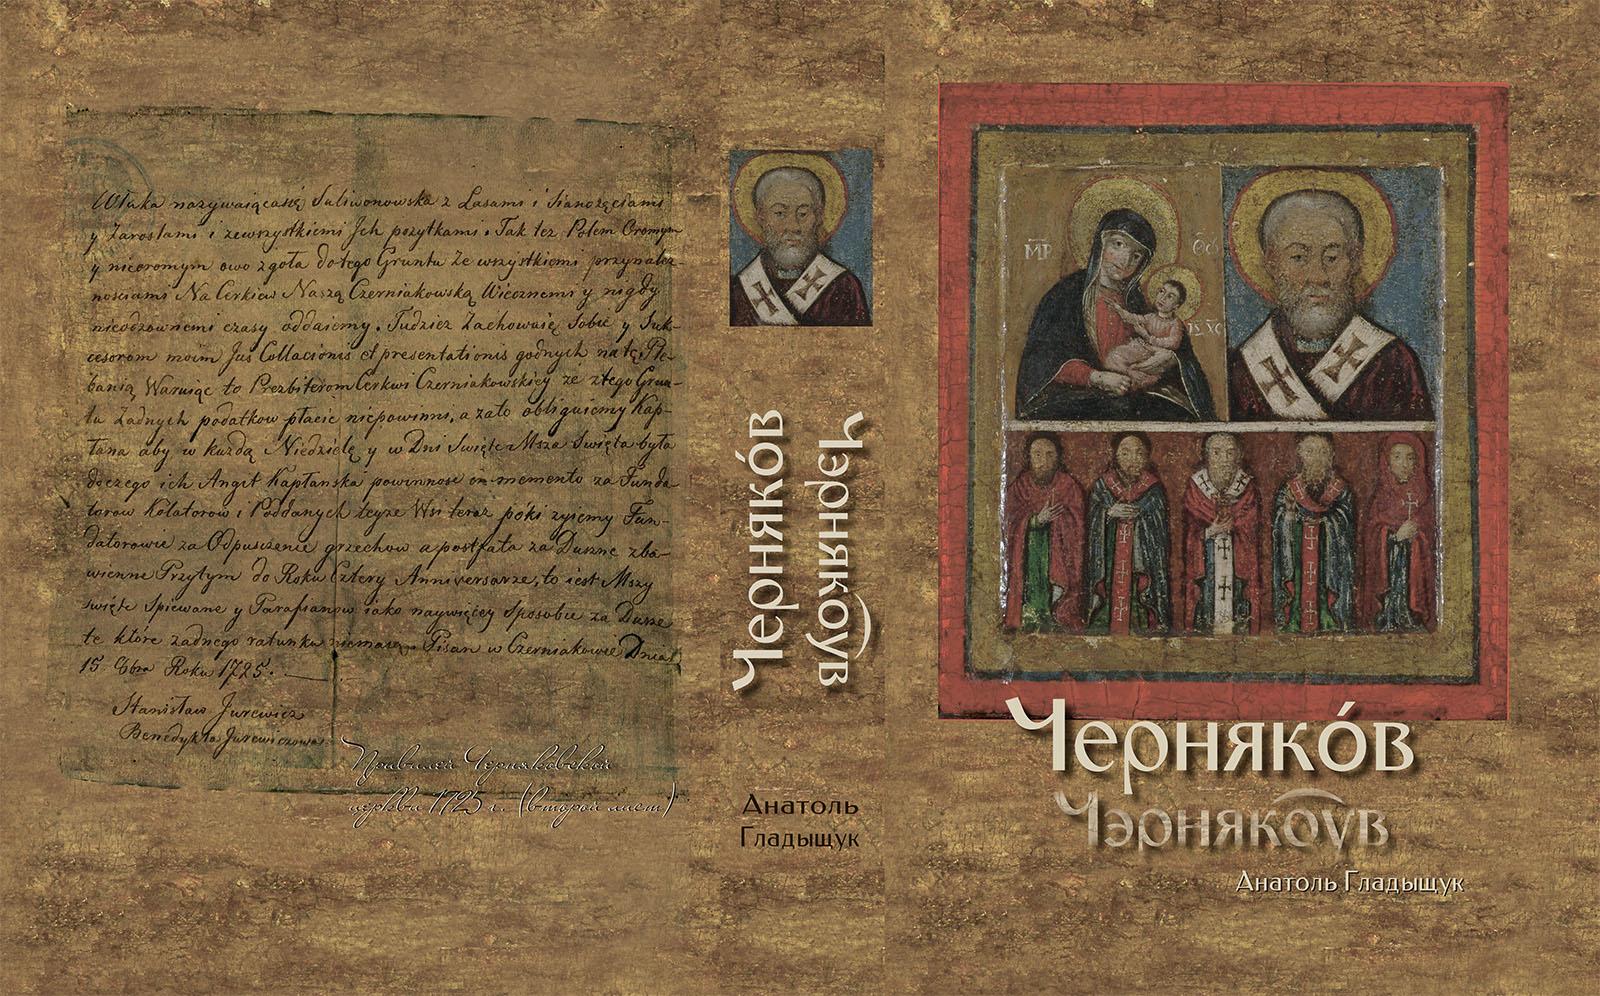 Анатоль Гладыщук, «Чернякóв»